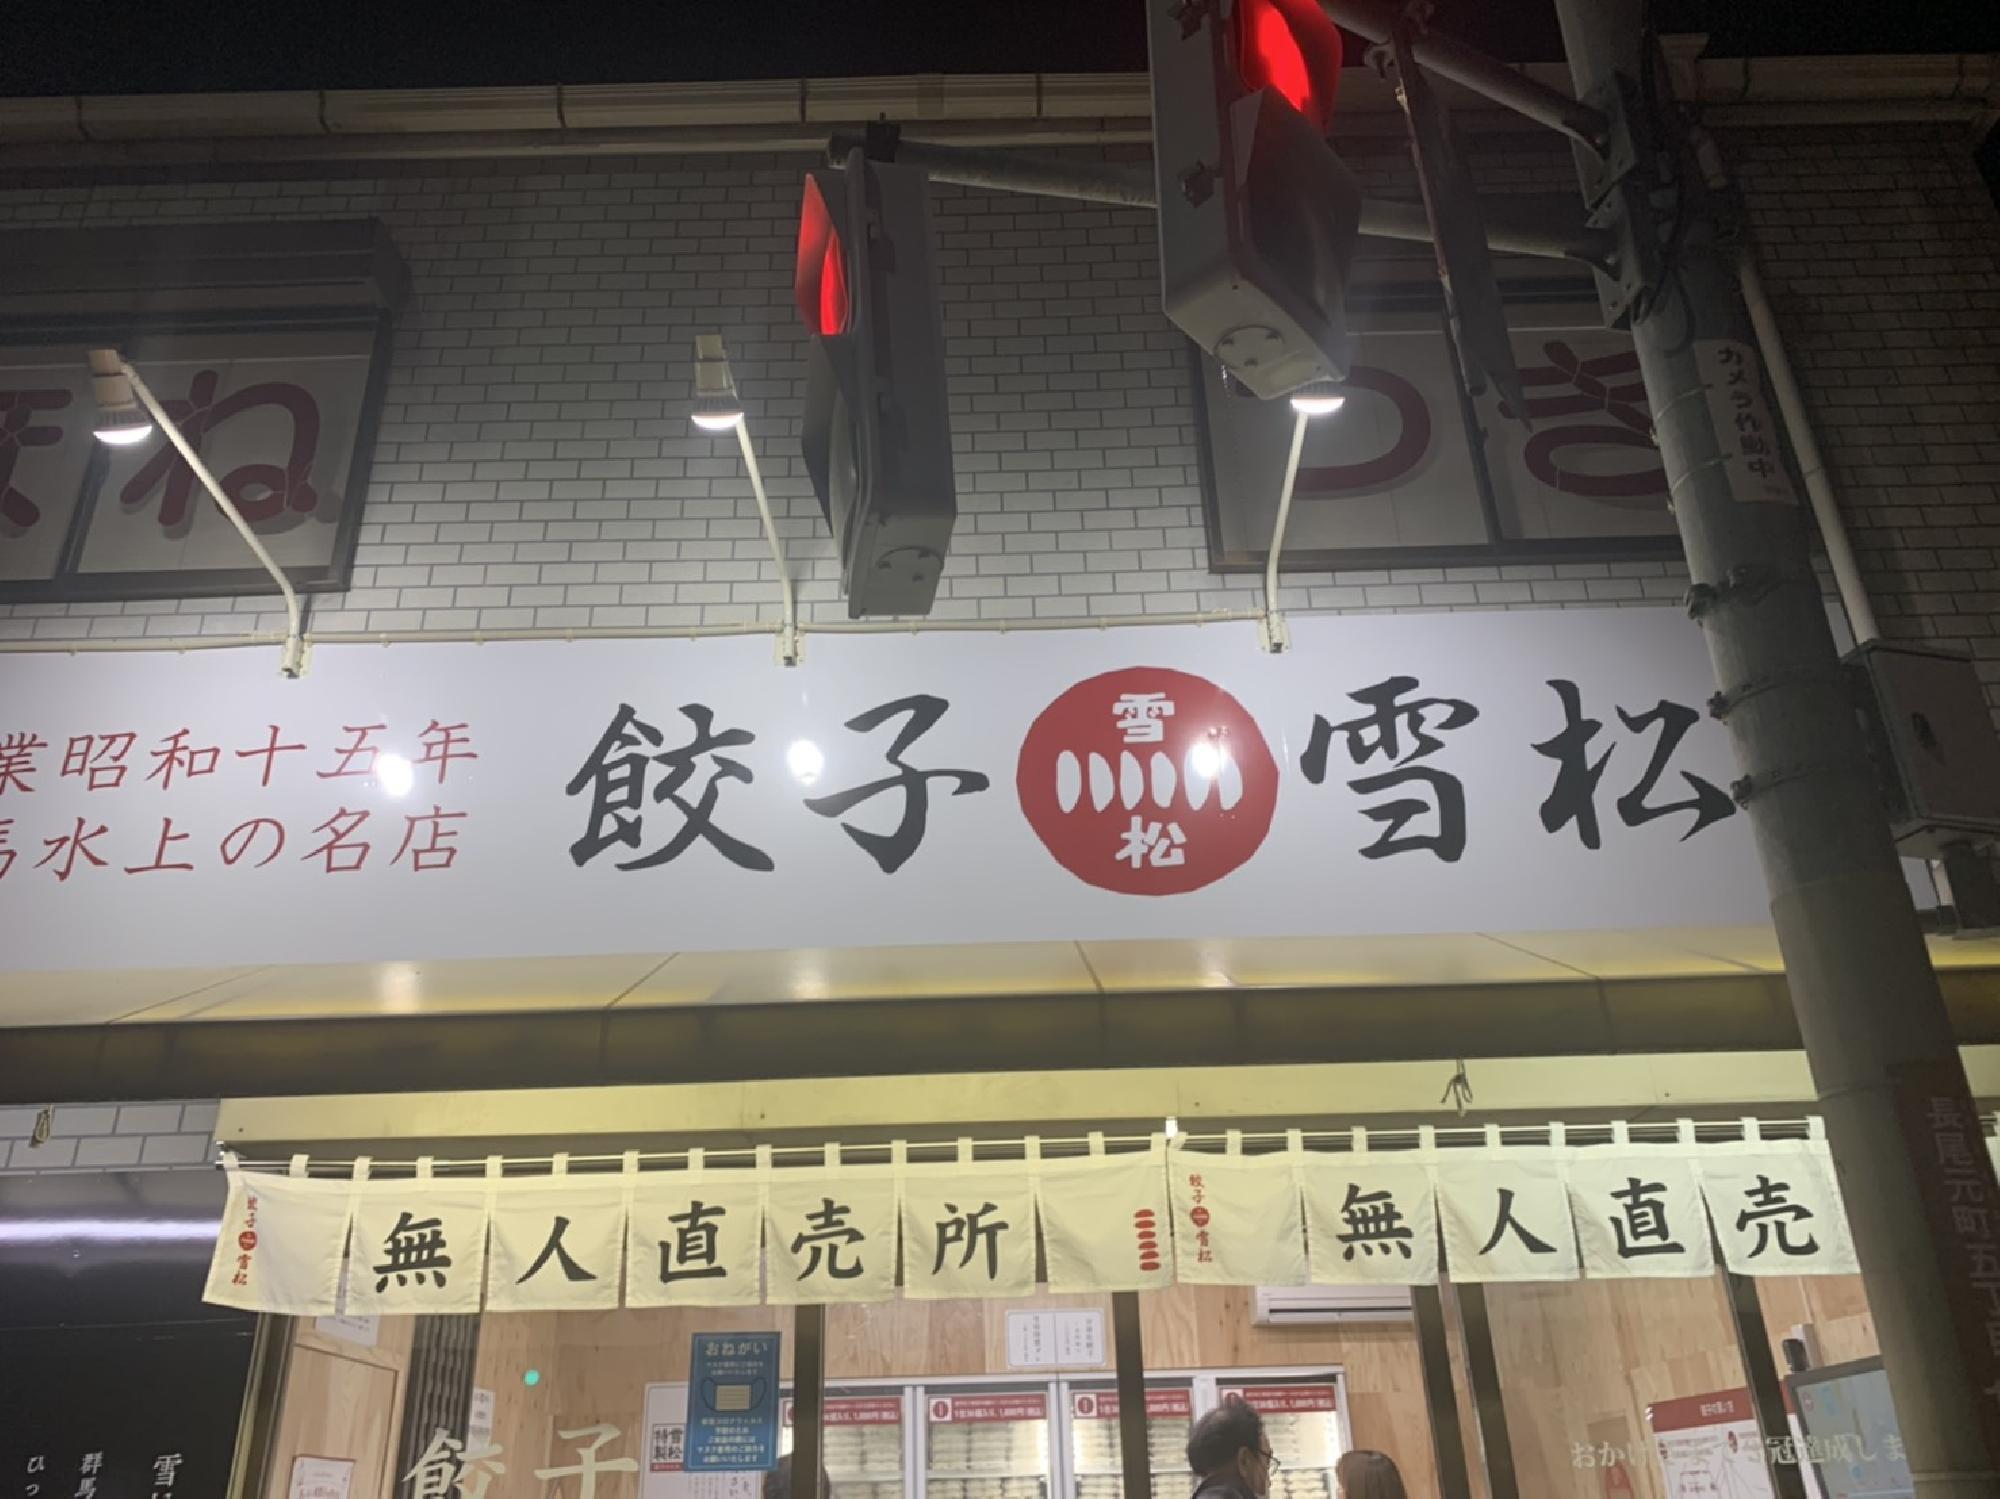 餃子無人販売 餃子の雪松枚方店_画像_4